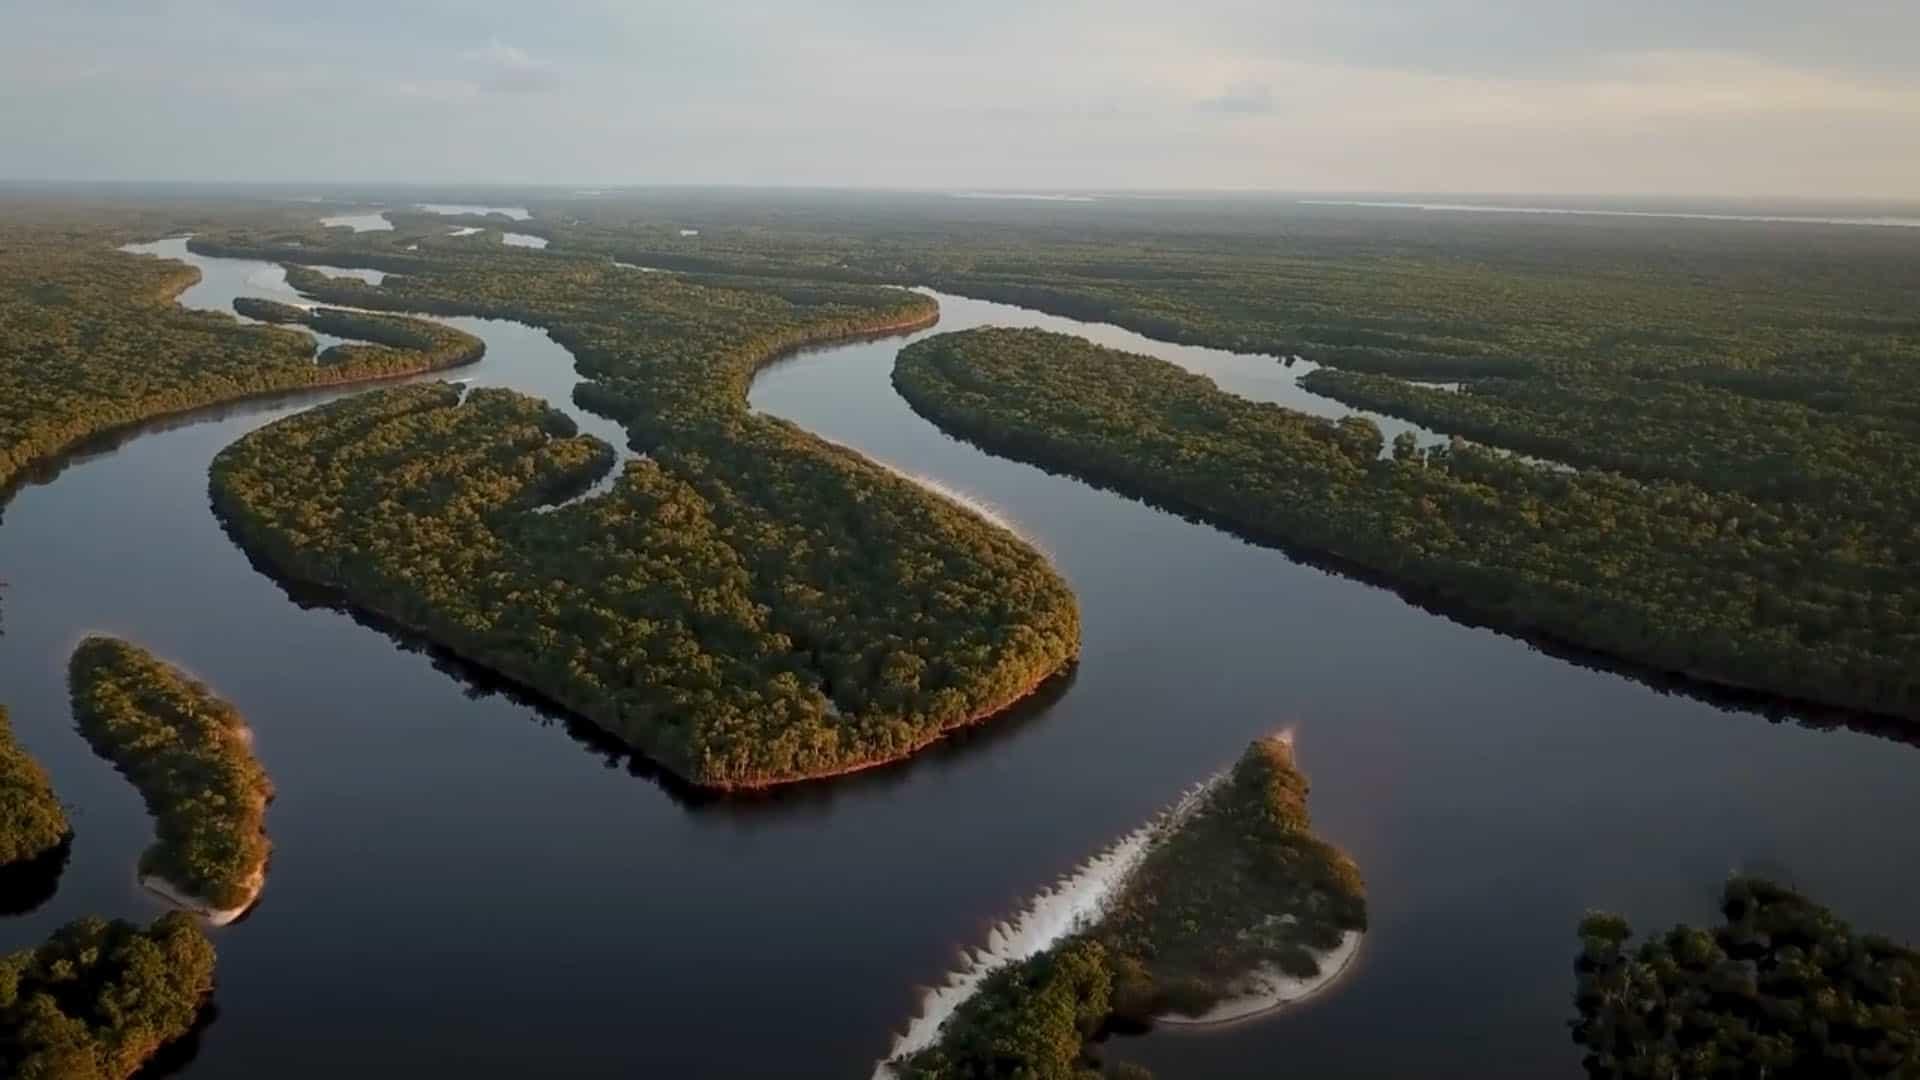 Exklusives Video: Wild Gefangen – Der Zierfischhandel am Amazonas 1